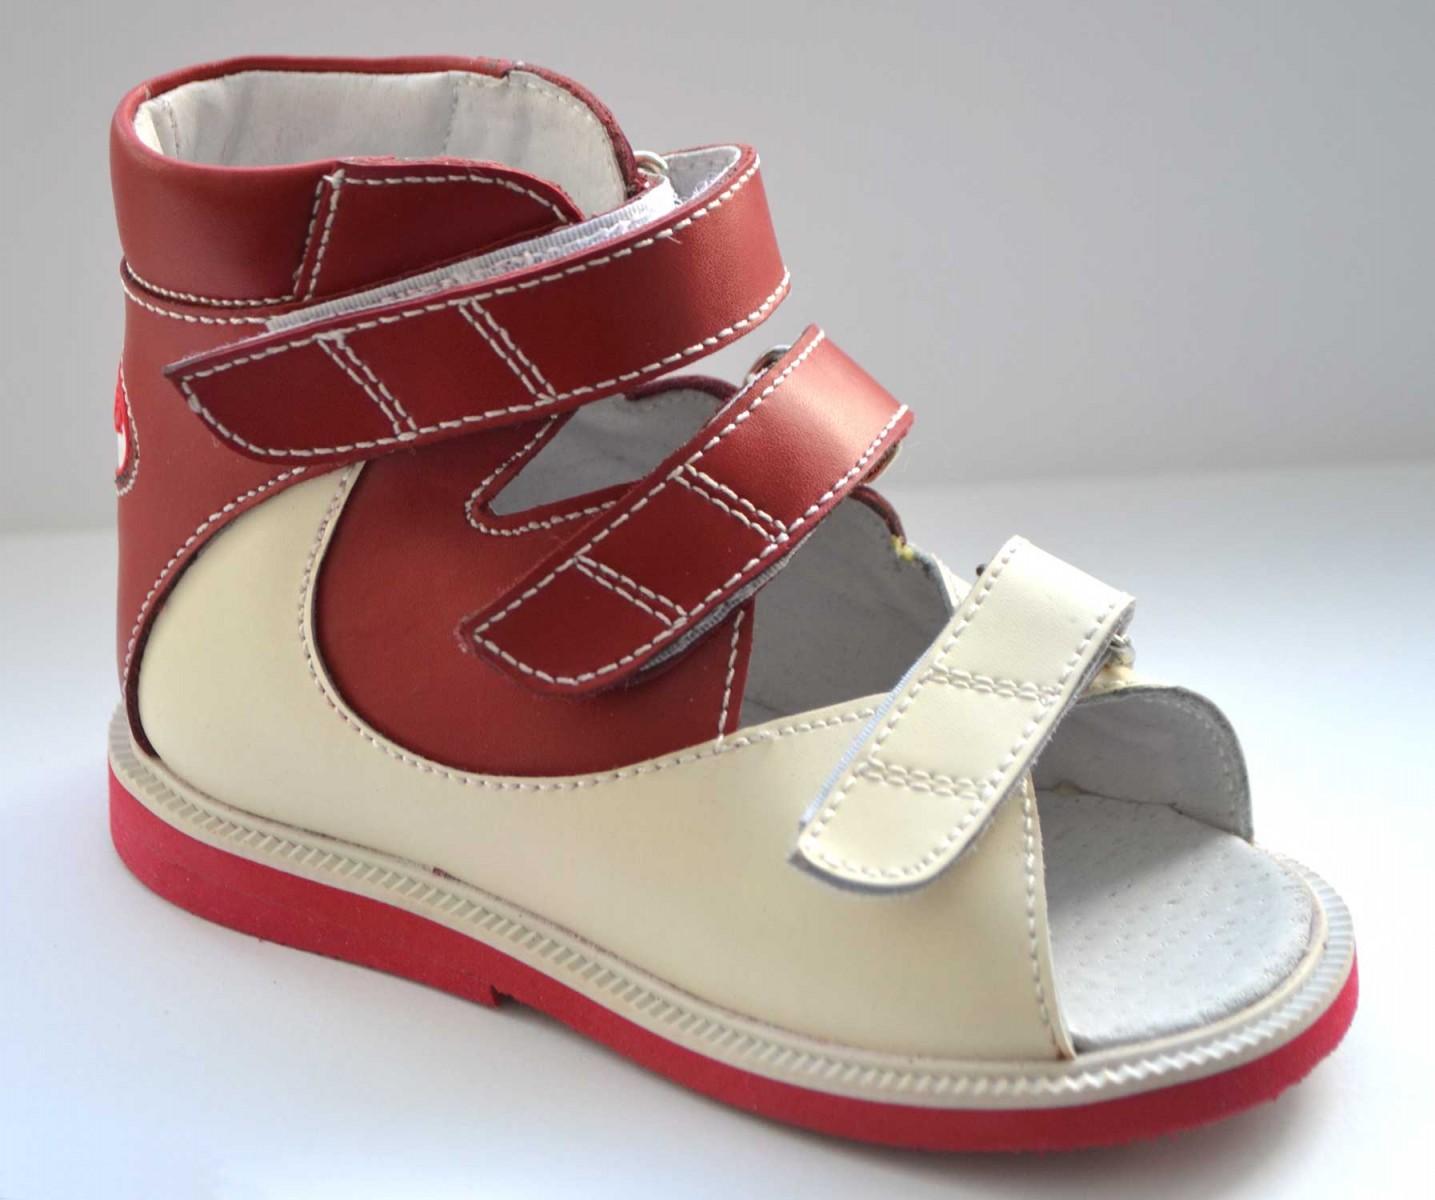 e4543939a Антиварусная обувь | Производитель ортопедической обуви - Ортомаг